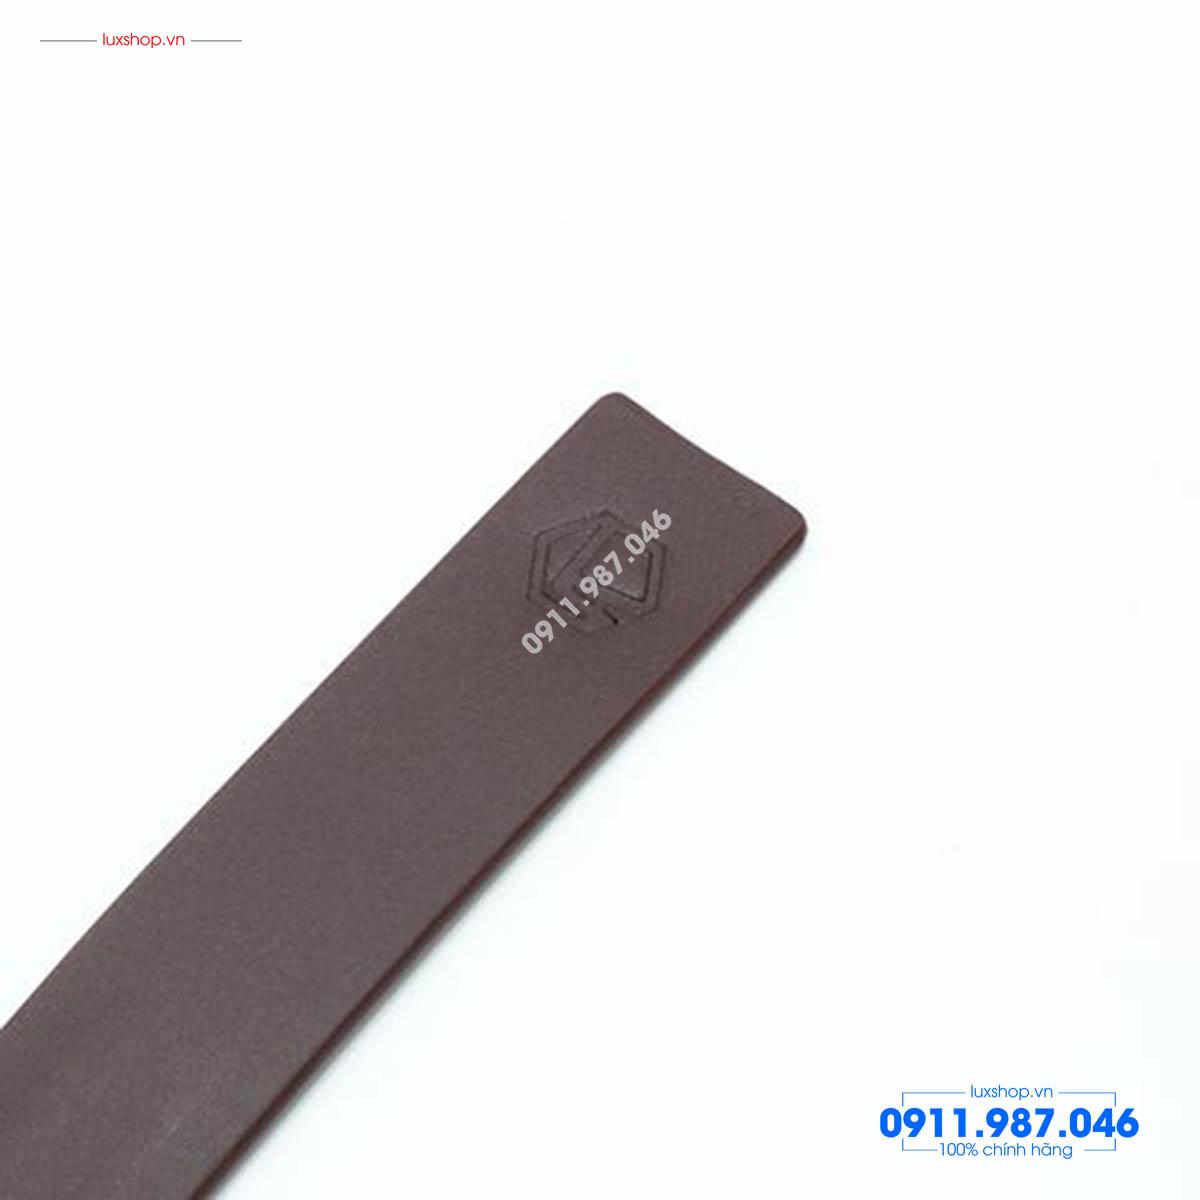 Thắt lưng nam da bò nguyên miếng đầu hợp kim không gỉ mặt đen viền vàng - L101924